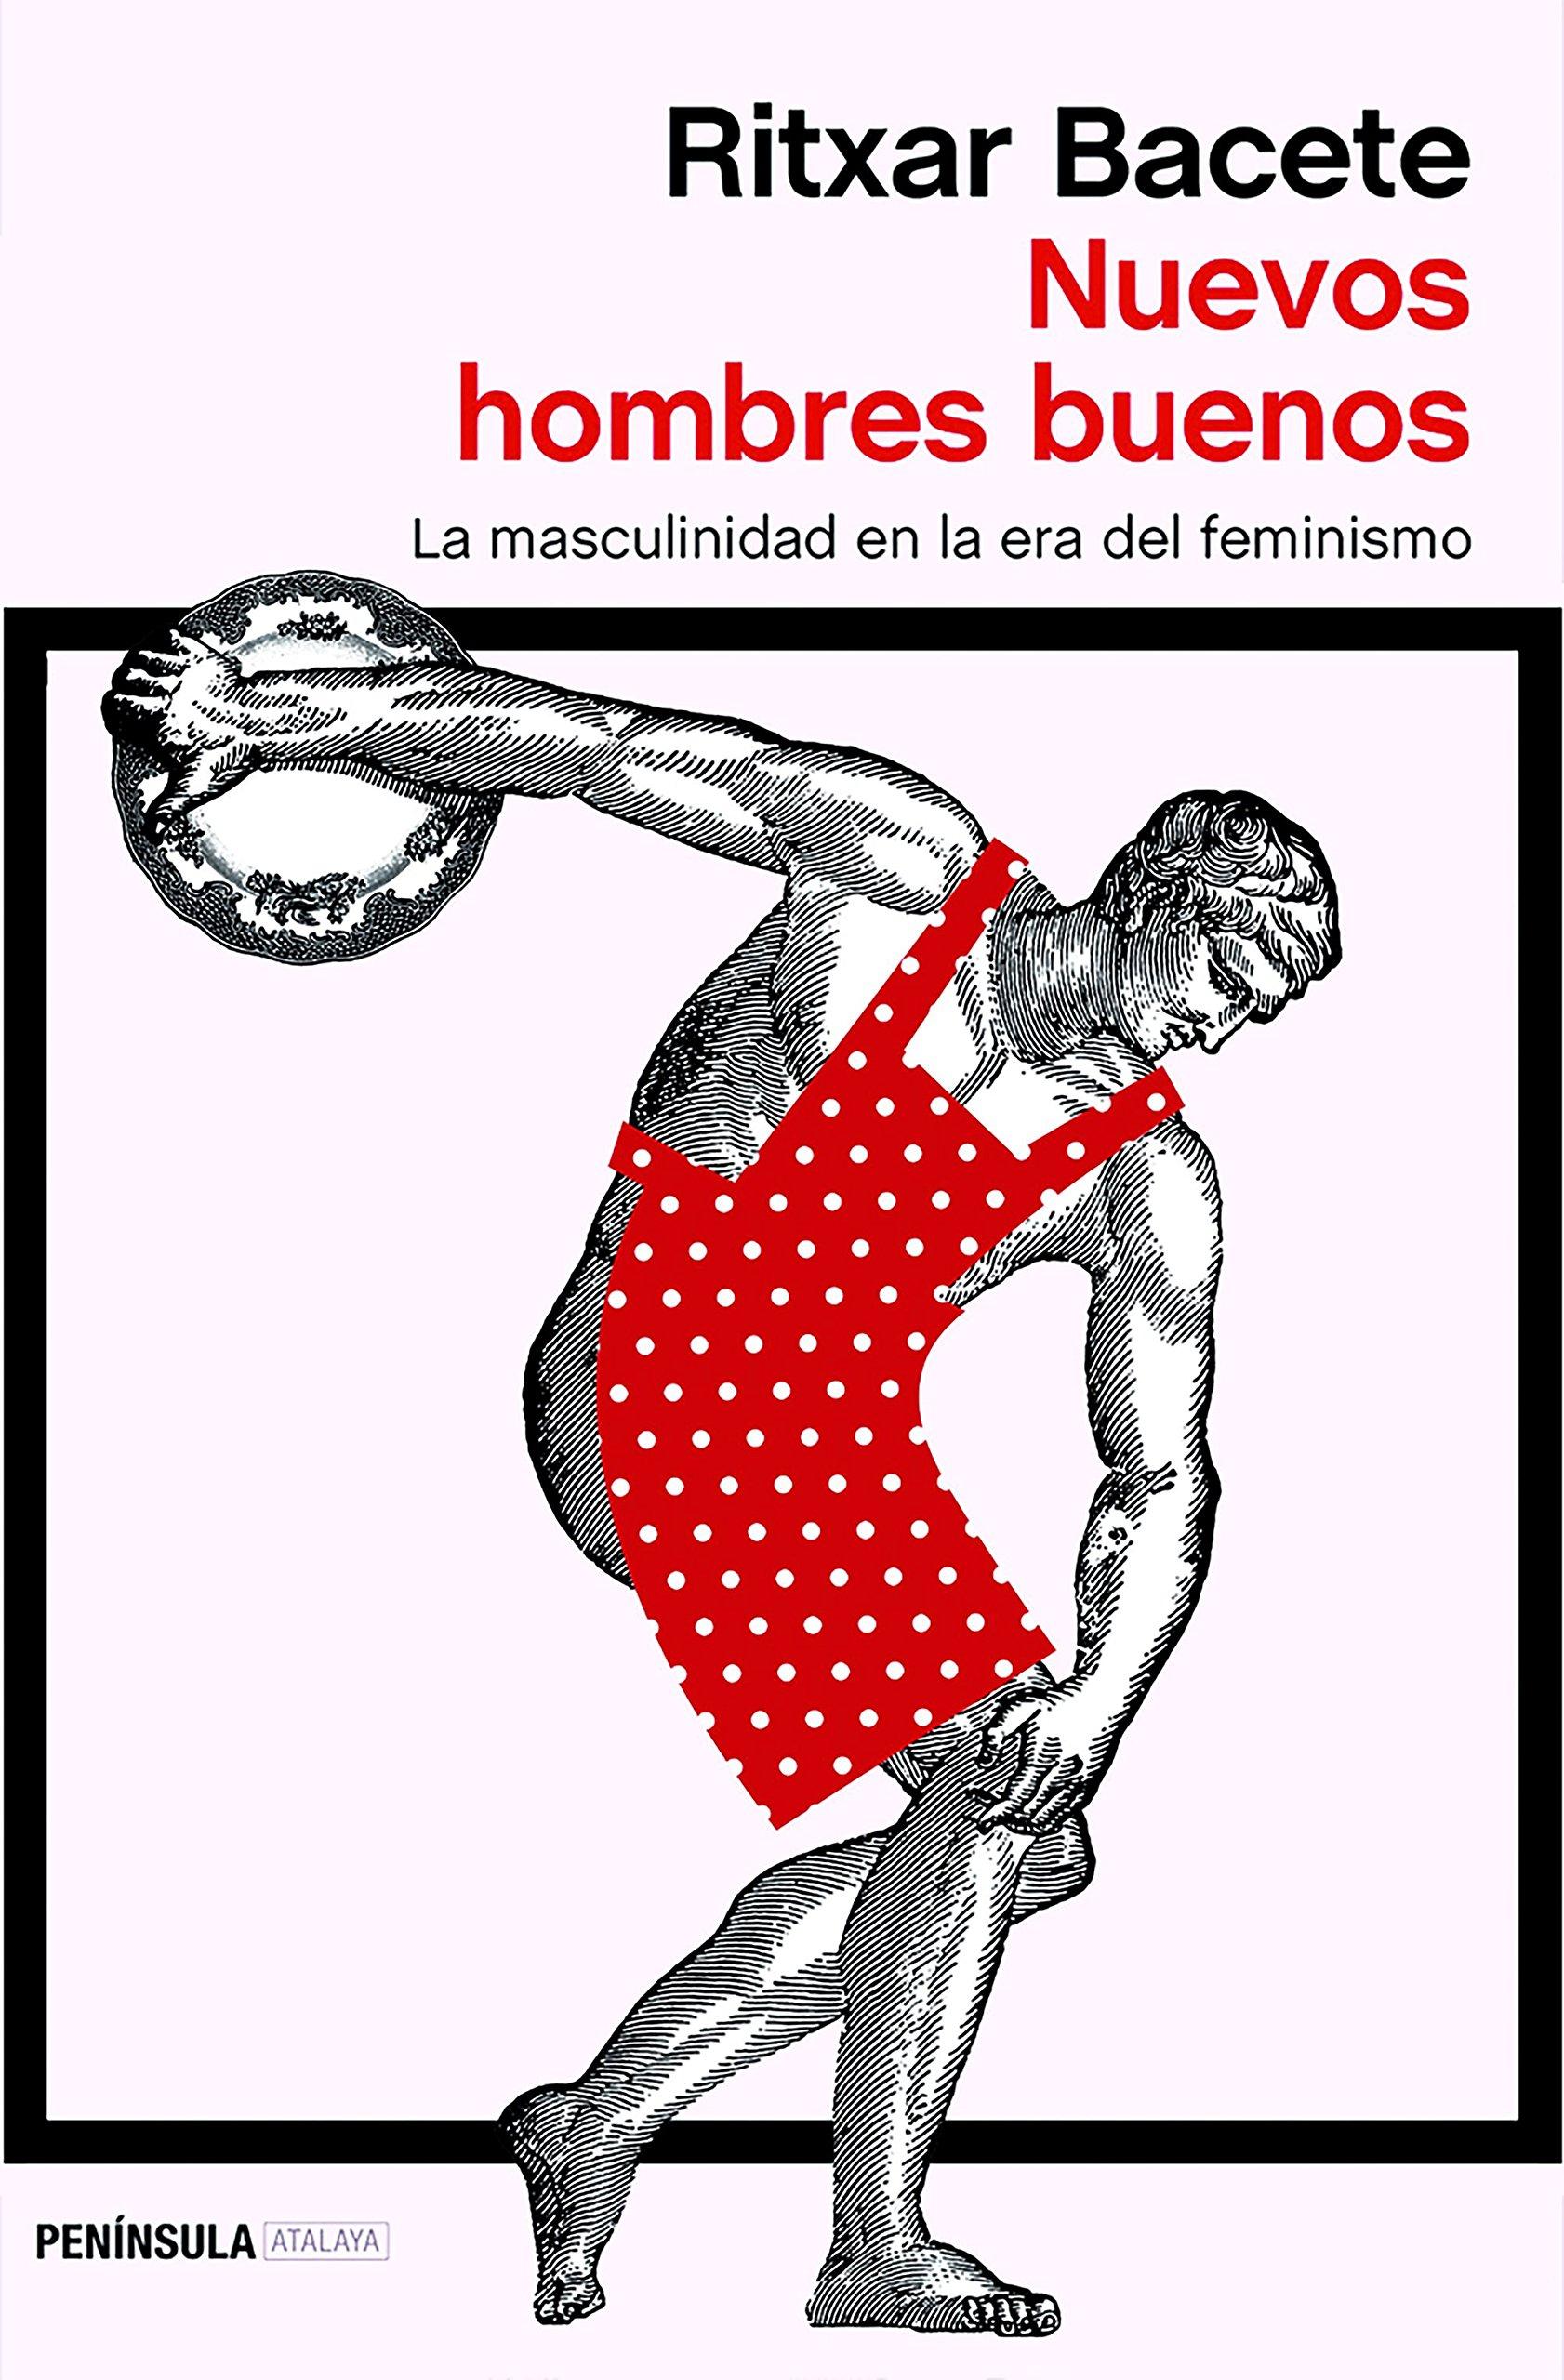 Nuevos hombres buenos: La masculinidad en la era del feminismo (ATALAYA) Tapa blanda – 21 nov 2017 Ritxar Bacete Ediciones Península 8499426492 Gender studies: men